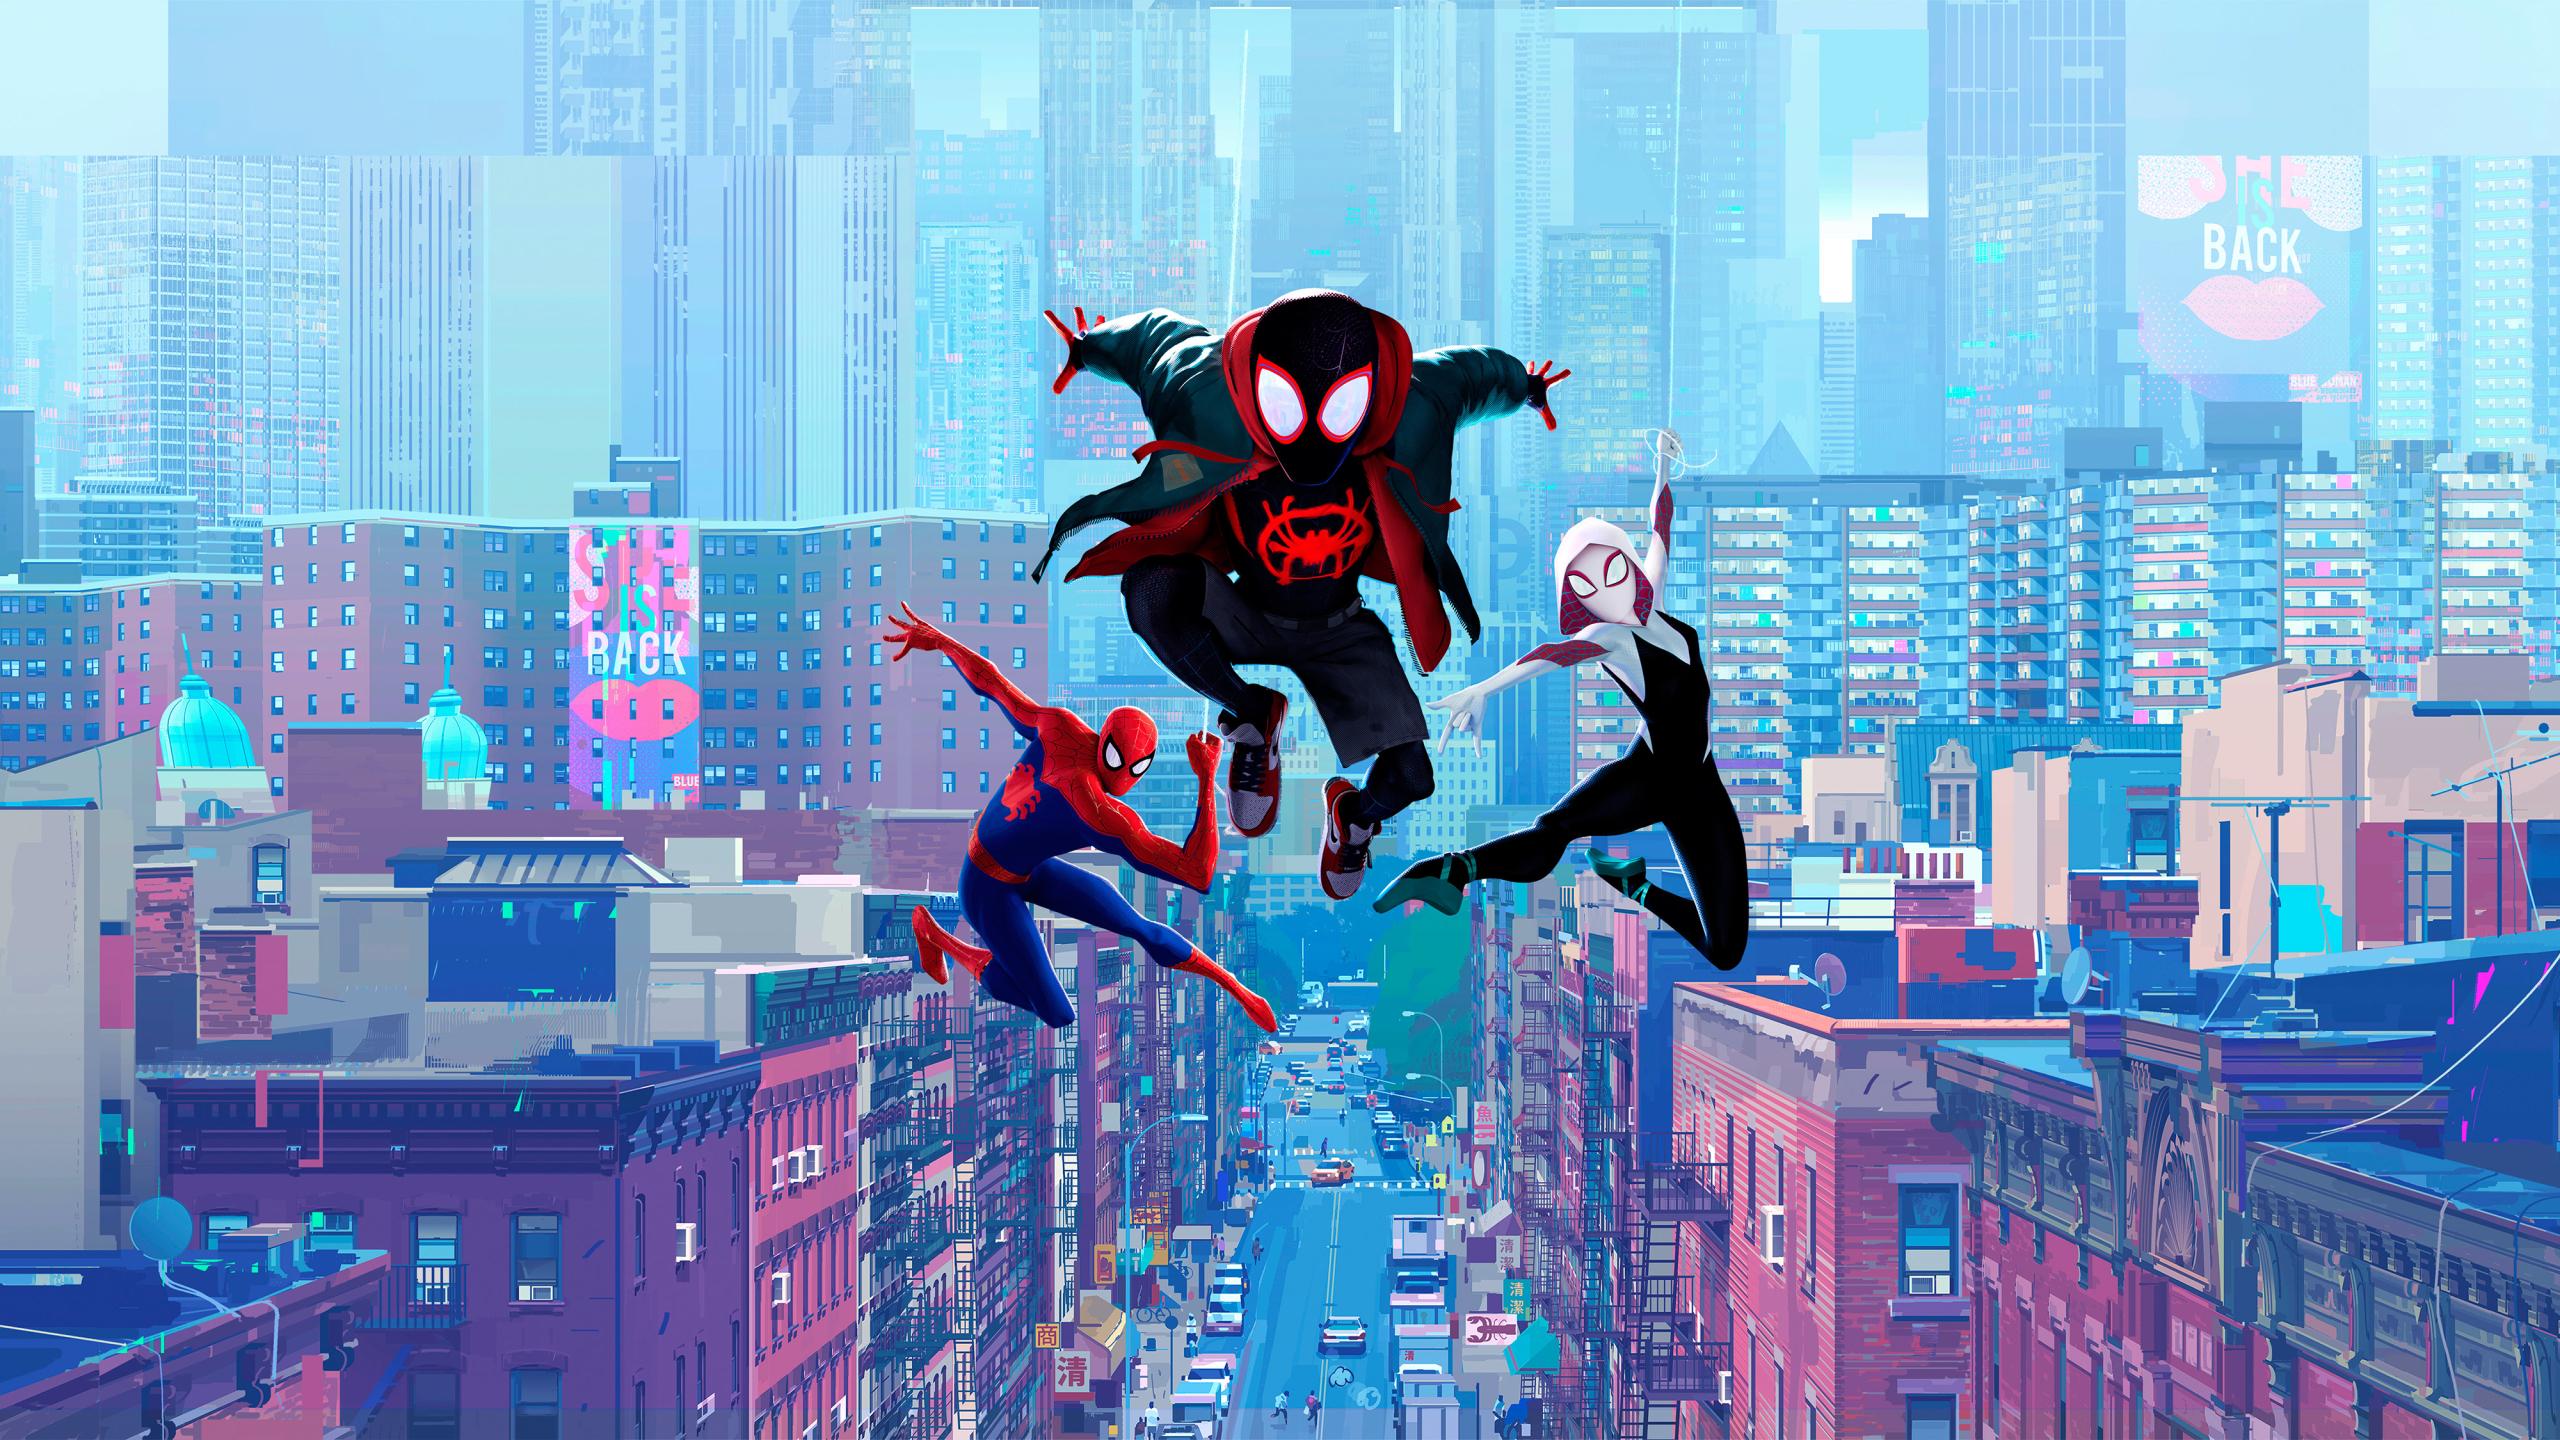 2560x1440 Spider Man Into The Spider Verse 2019 1440p Resolution